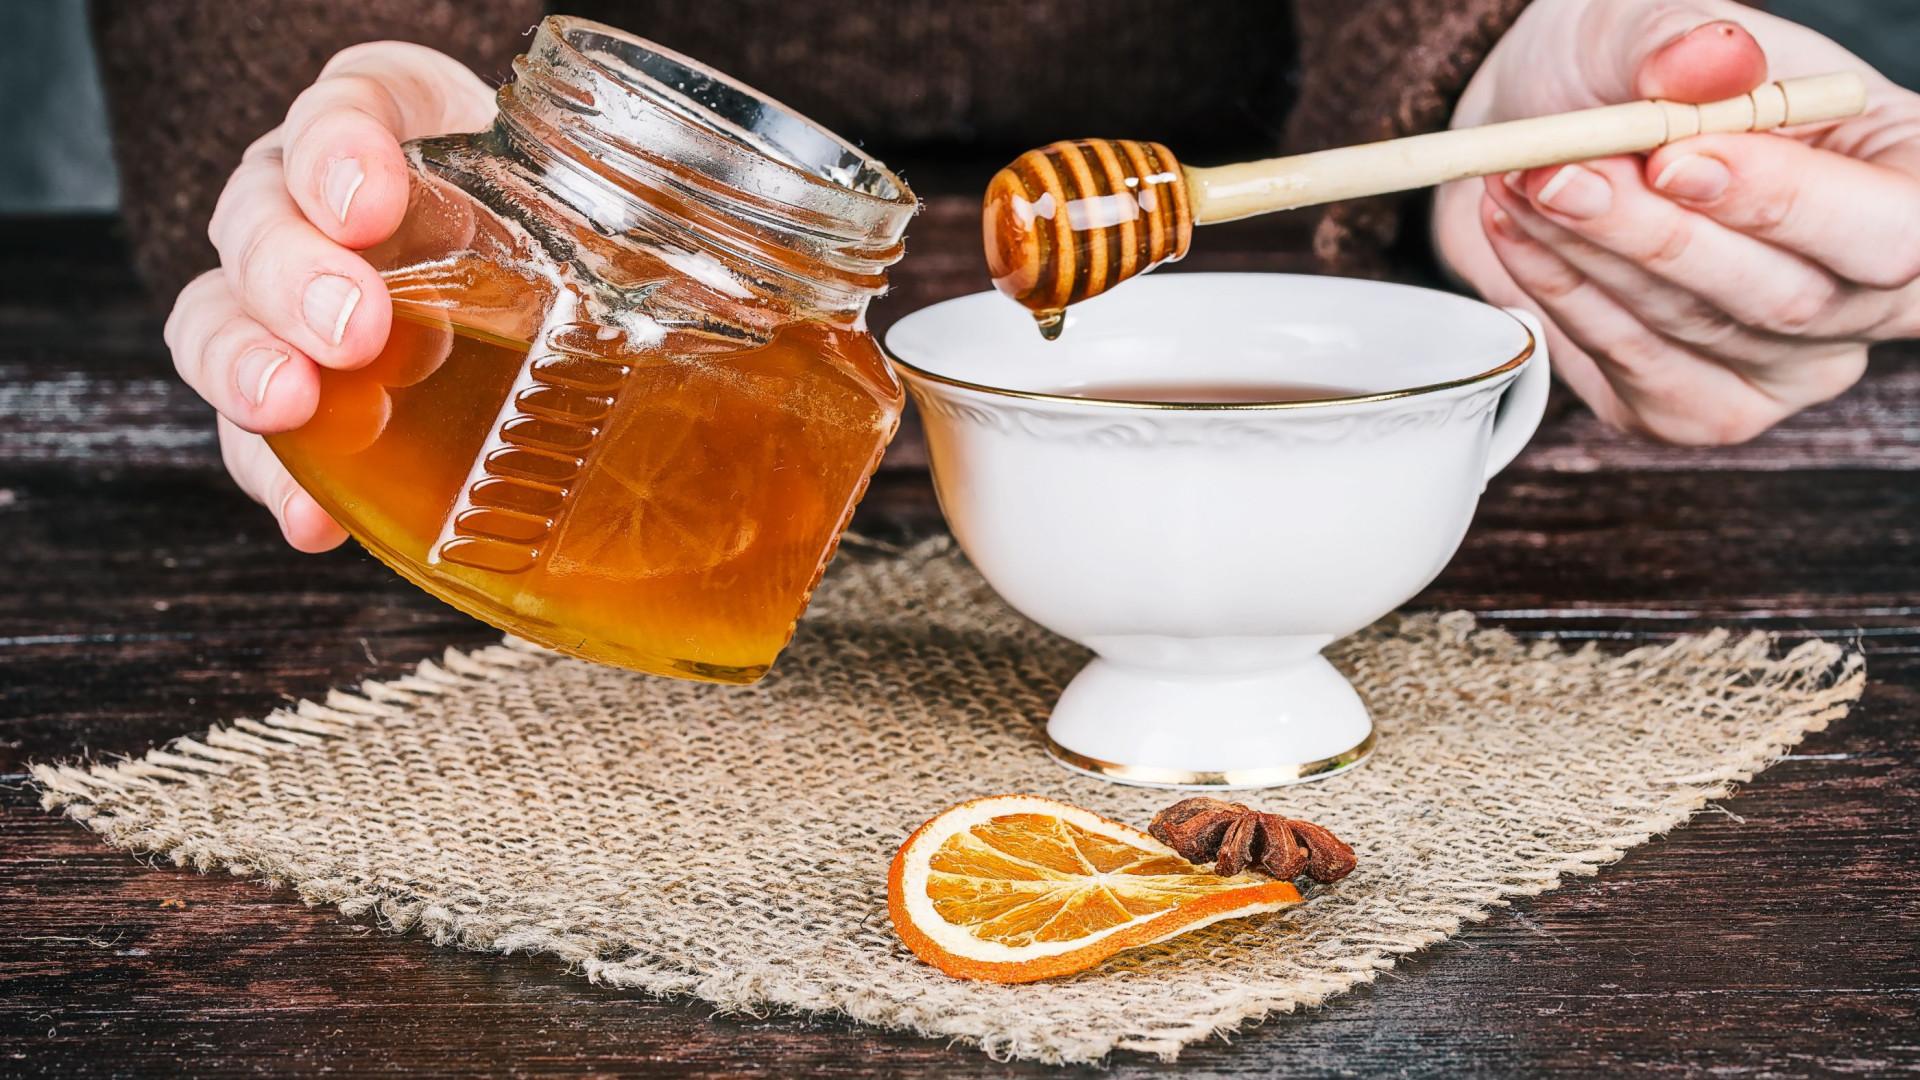 Por que razão deve preferir o mel aos antibióticos?